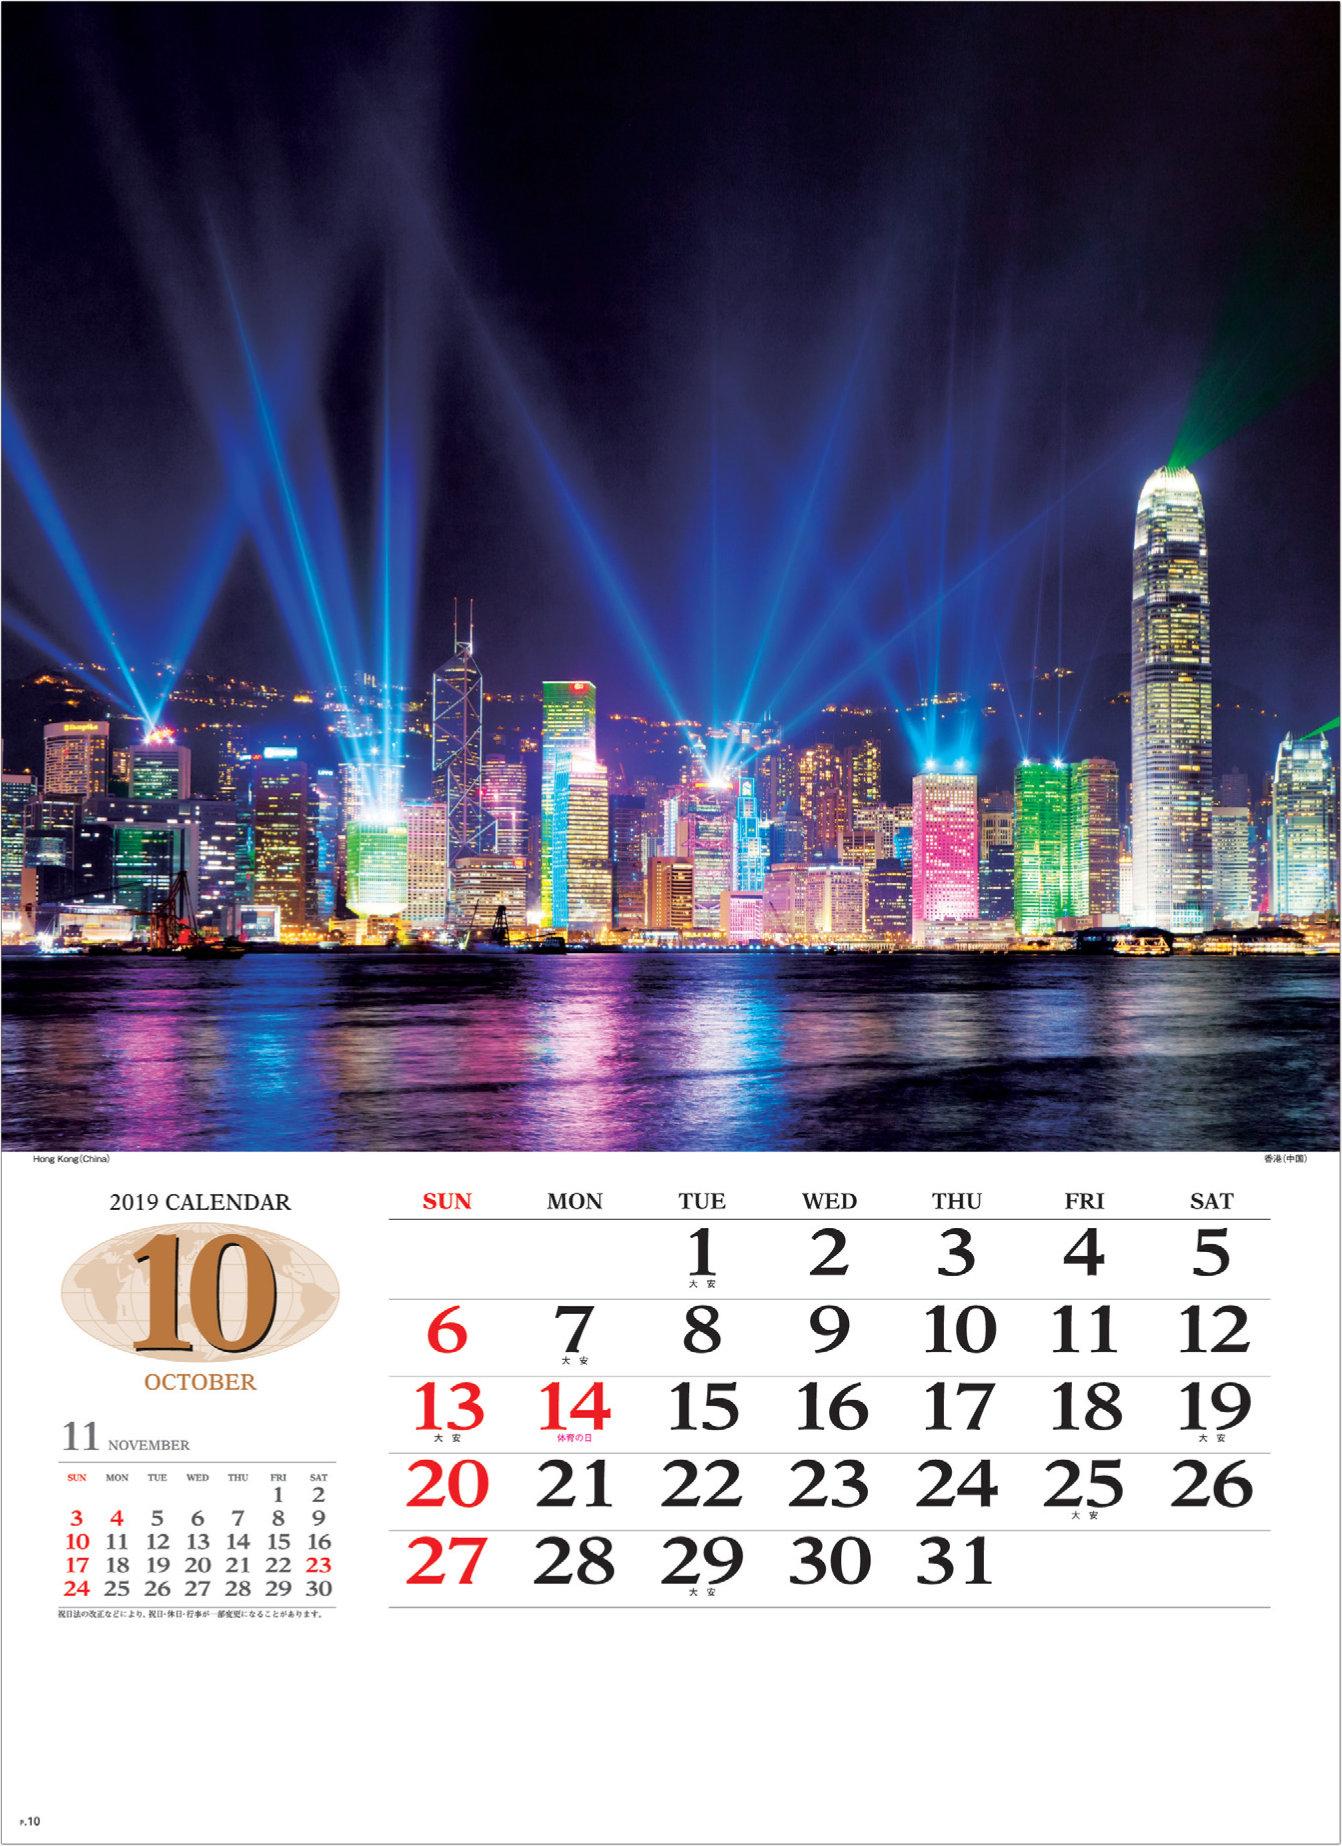 画像:中国 香港の夜景 世界の景観 2019年カレンダー